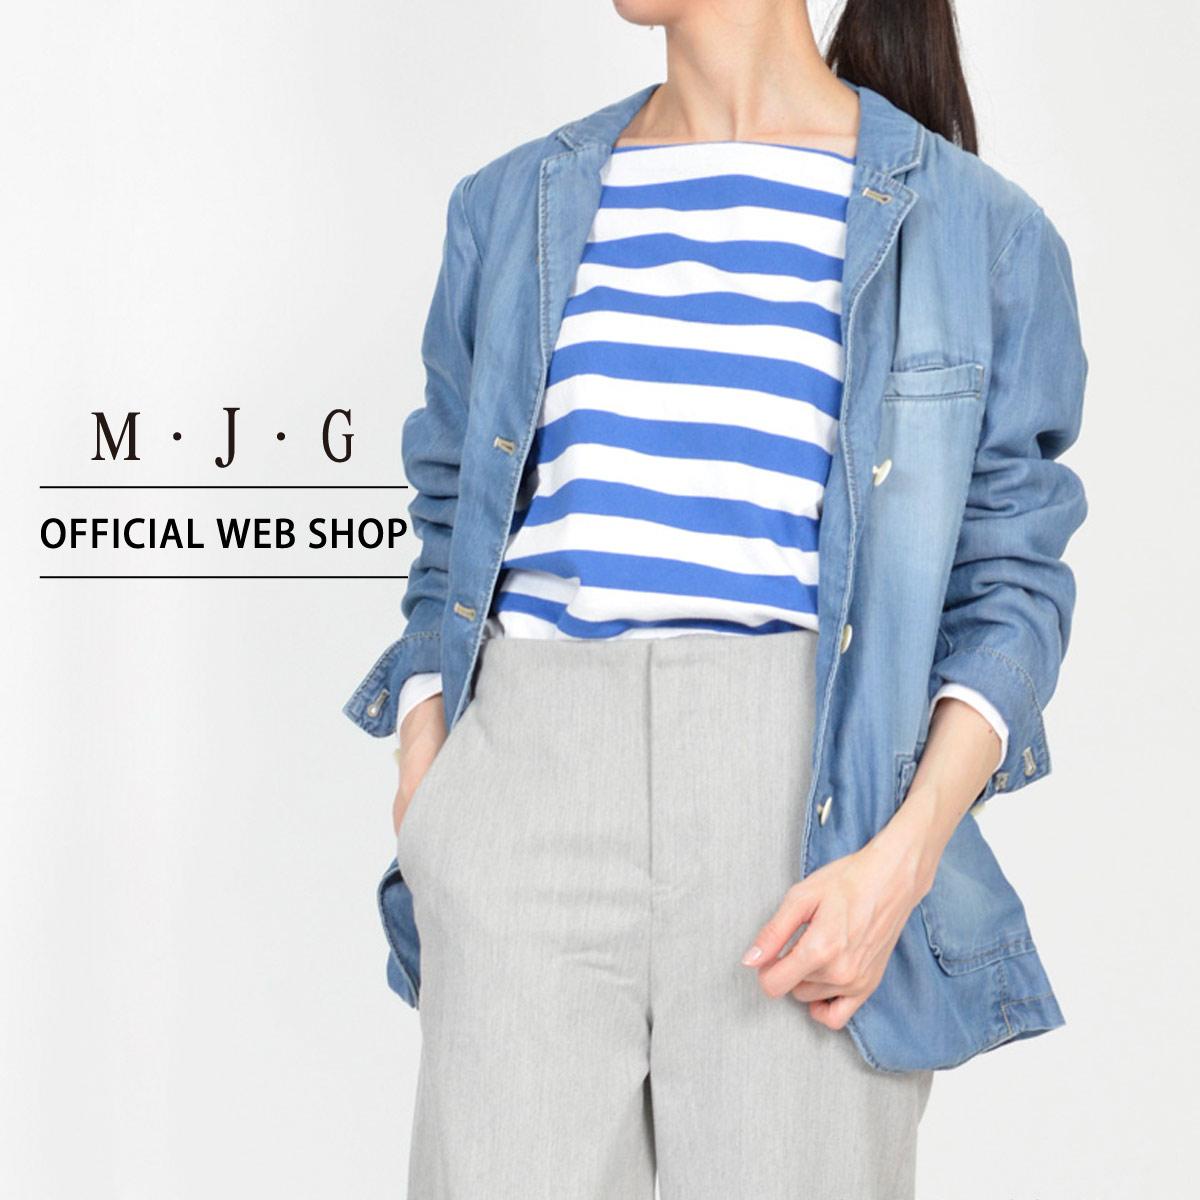 【M・J・G公式】 [SALE] エムジジェ/テンセル素材テーラードジャケット/レディース 中色USED アウター 上着 ジャケット デニム ミセス きれいめ [春夏] GMS612